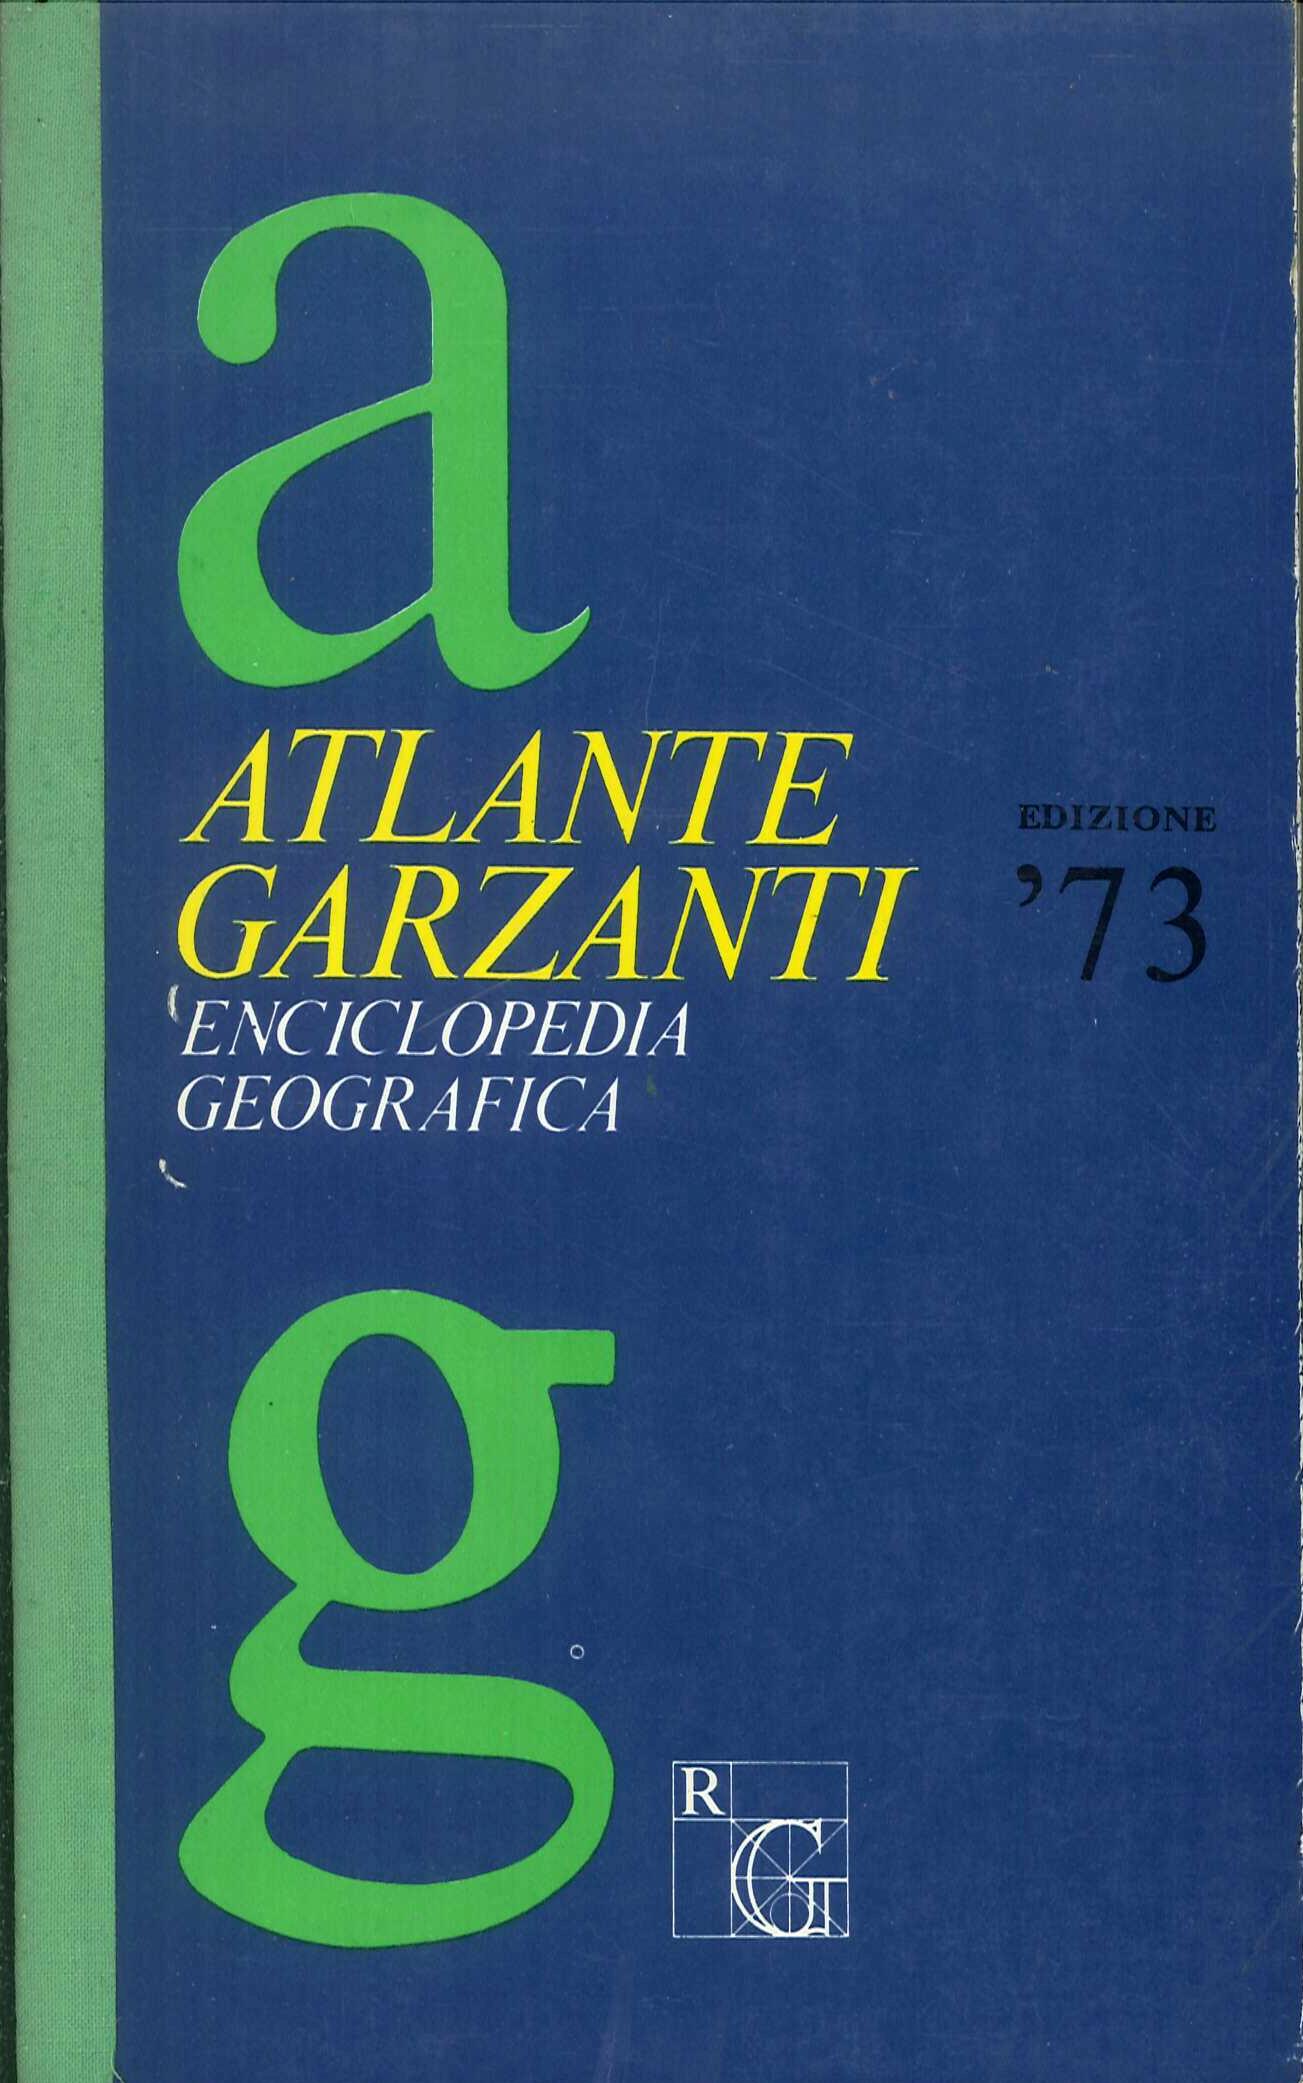 Atlante Garzanti Enciclopedia Geografica. Edizione '73